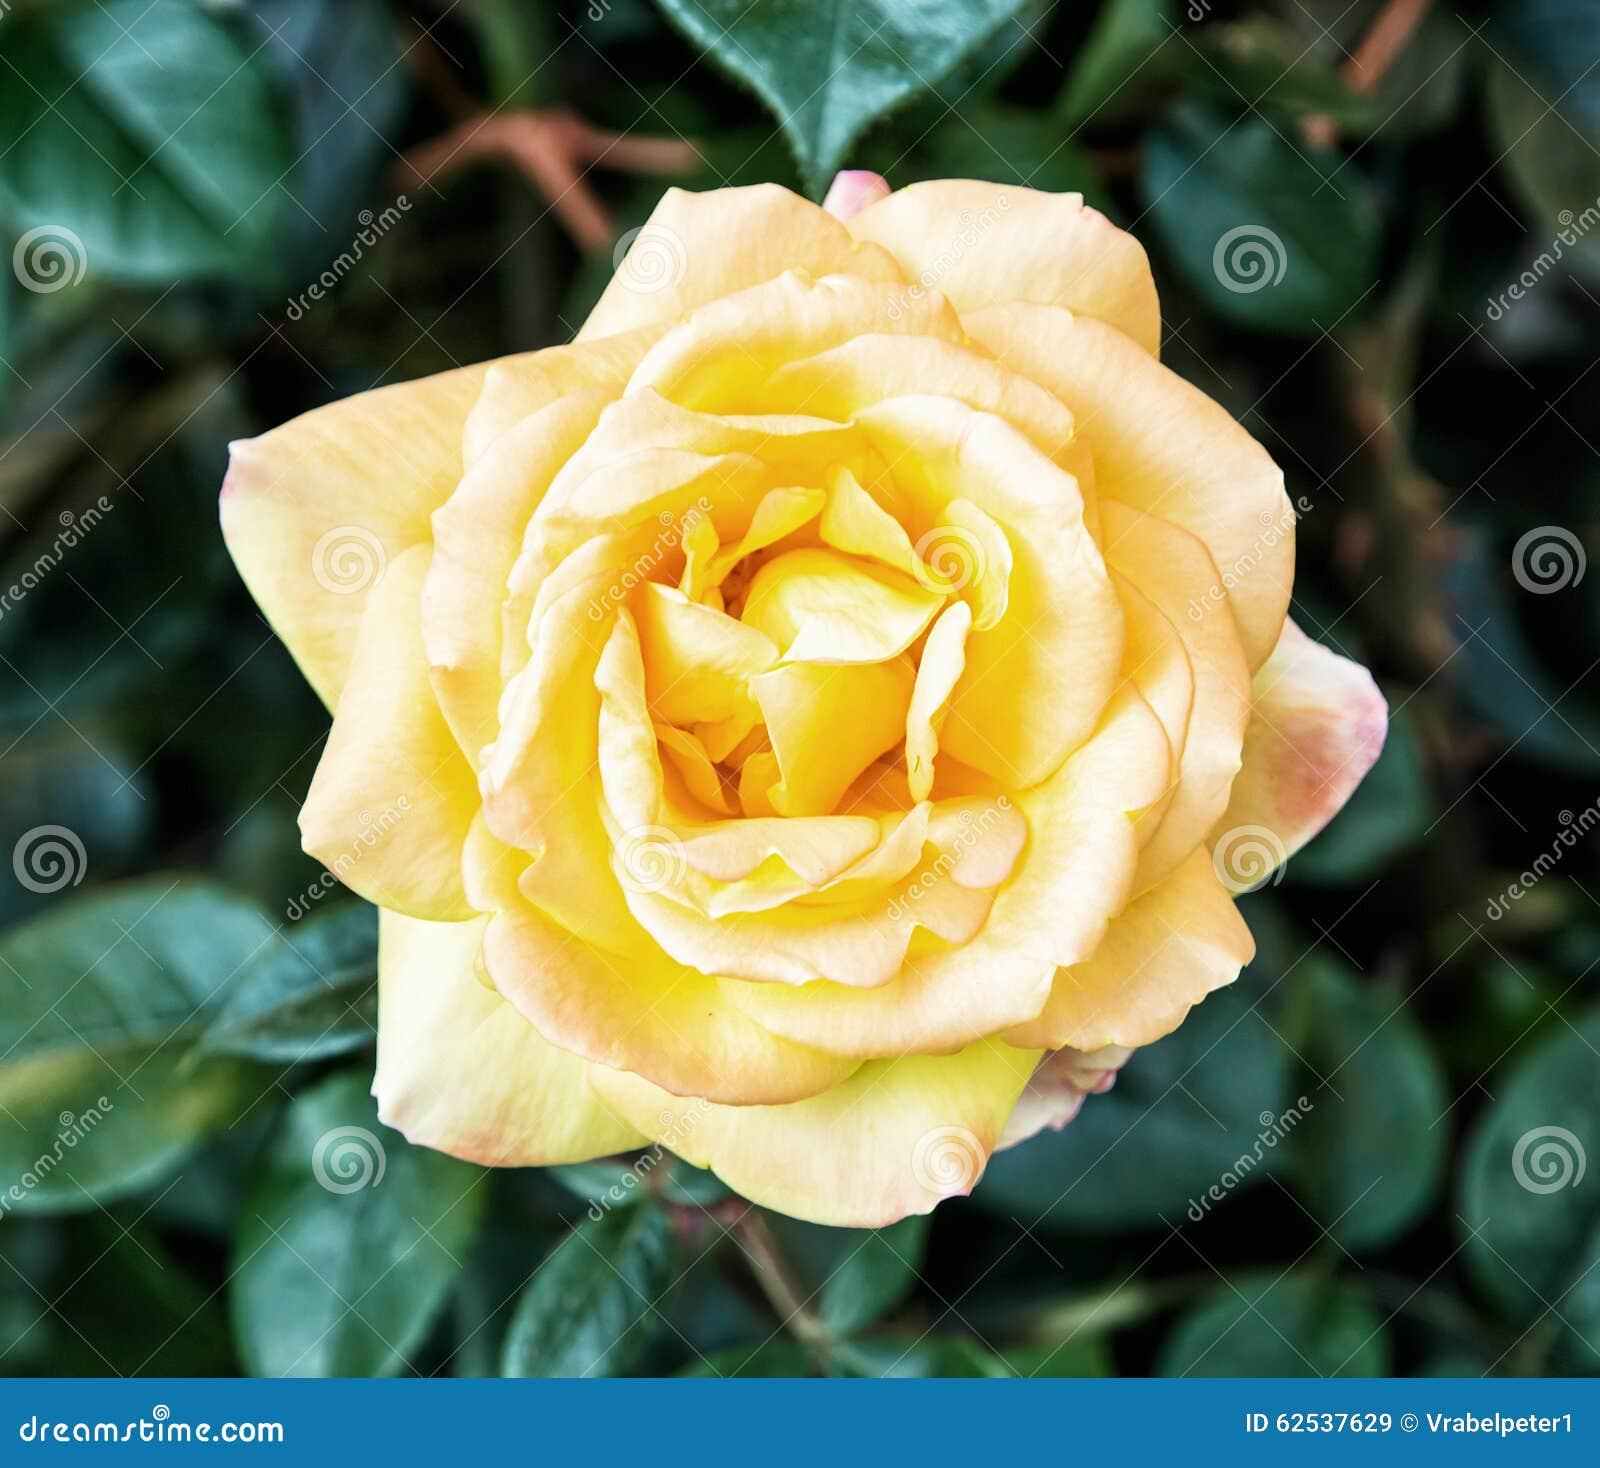 一朵黄色玫瑰细节照片